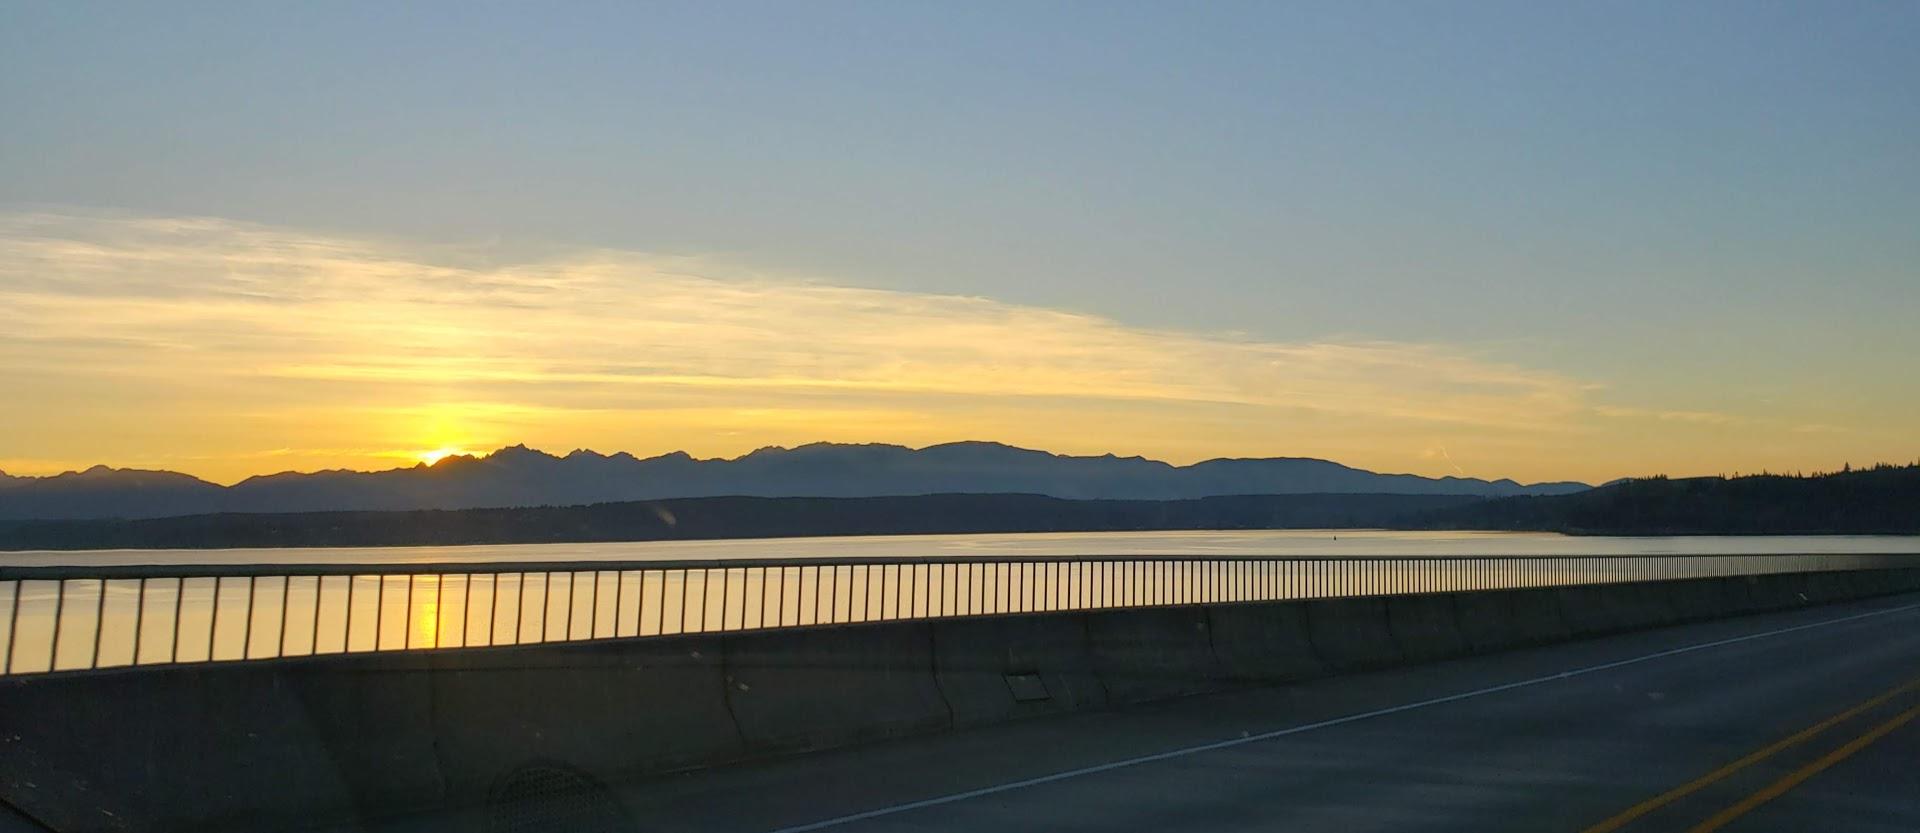 bridge sunset.jpg